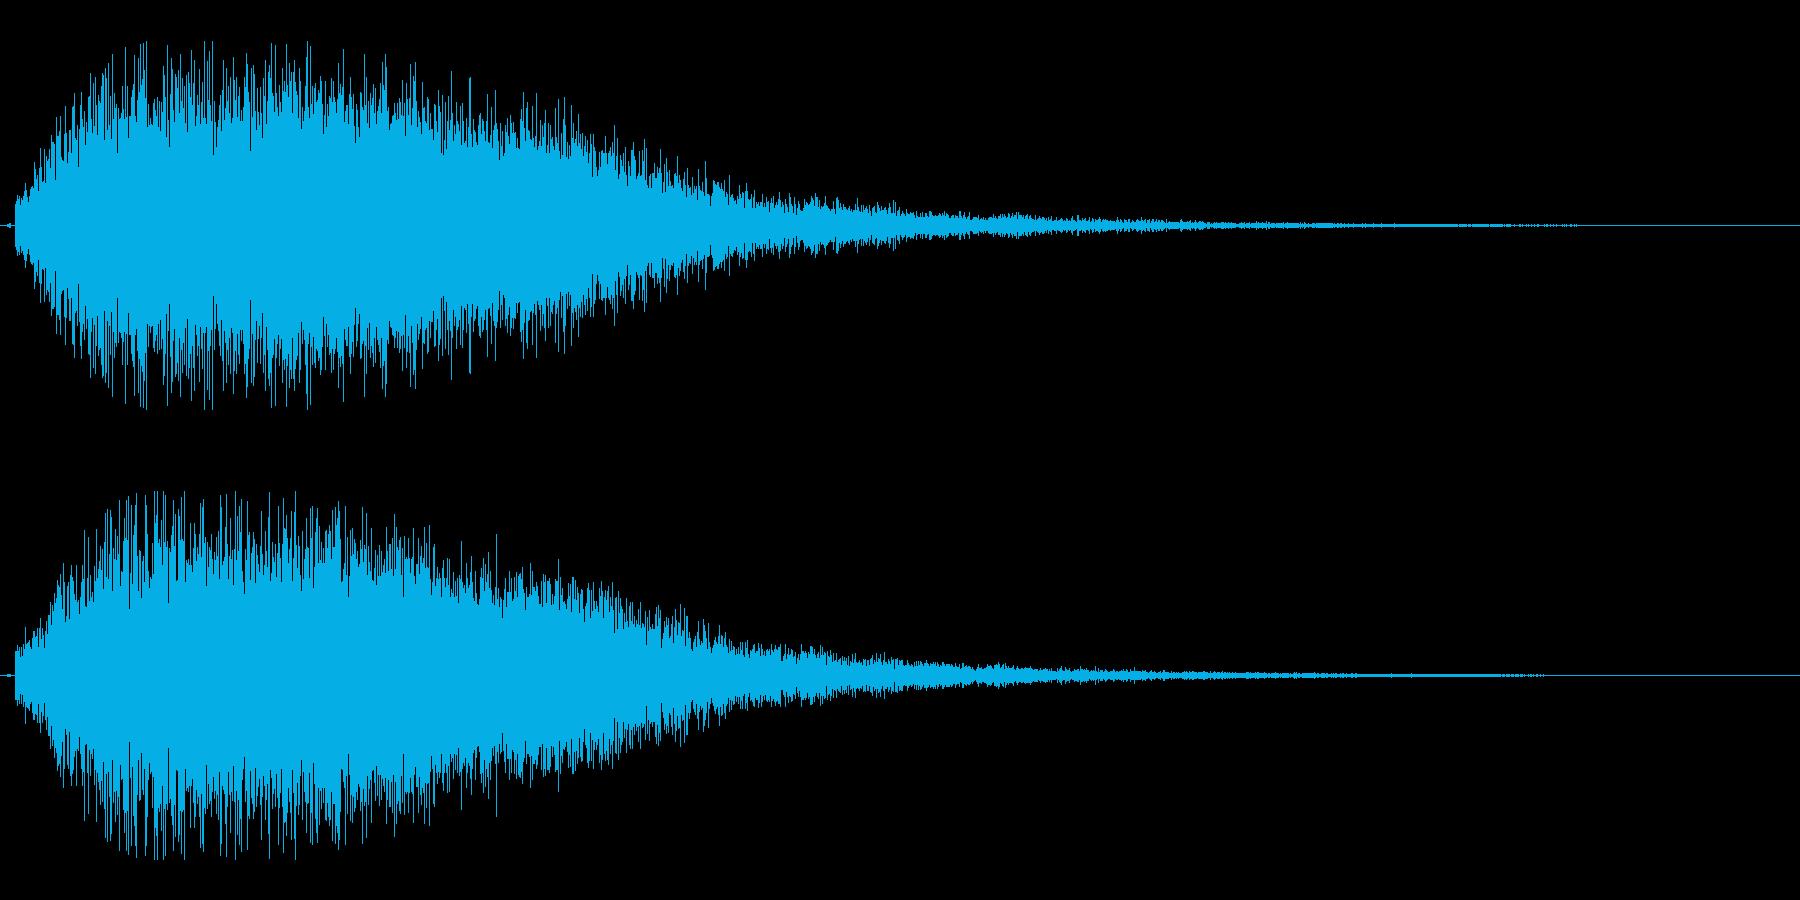 ビョロロローン(派手で厚みがある効果音)の再生済みの波形